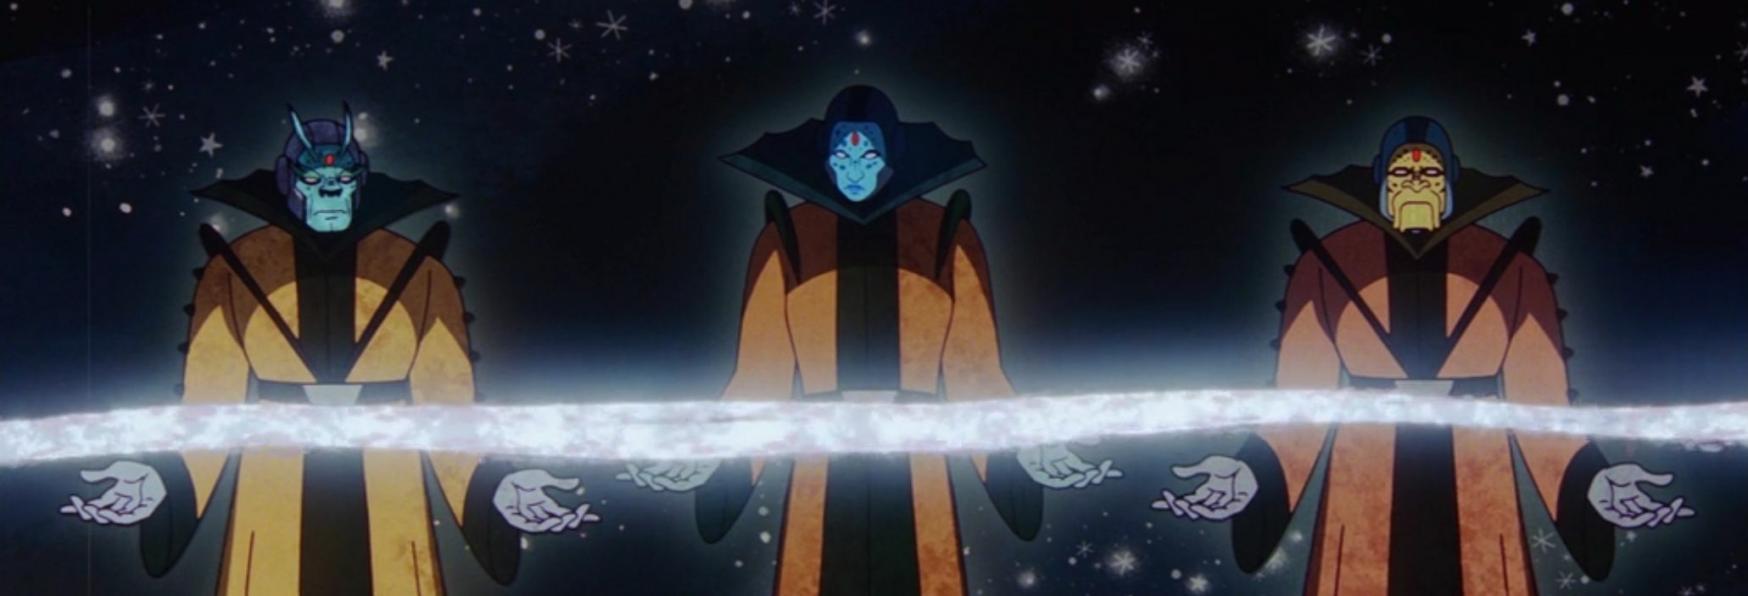 Loki: alcune Interessanti Teorie sulla Trama e le Connessioni con le altre Opere Marvel